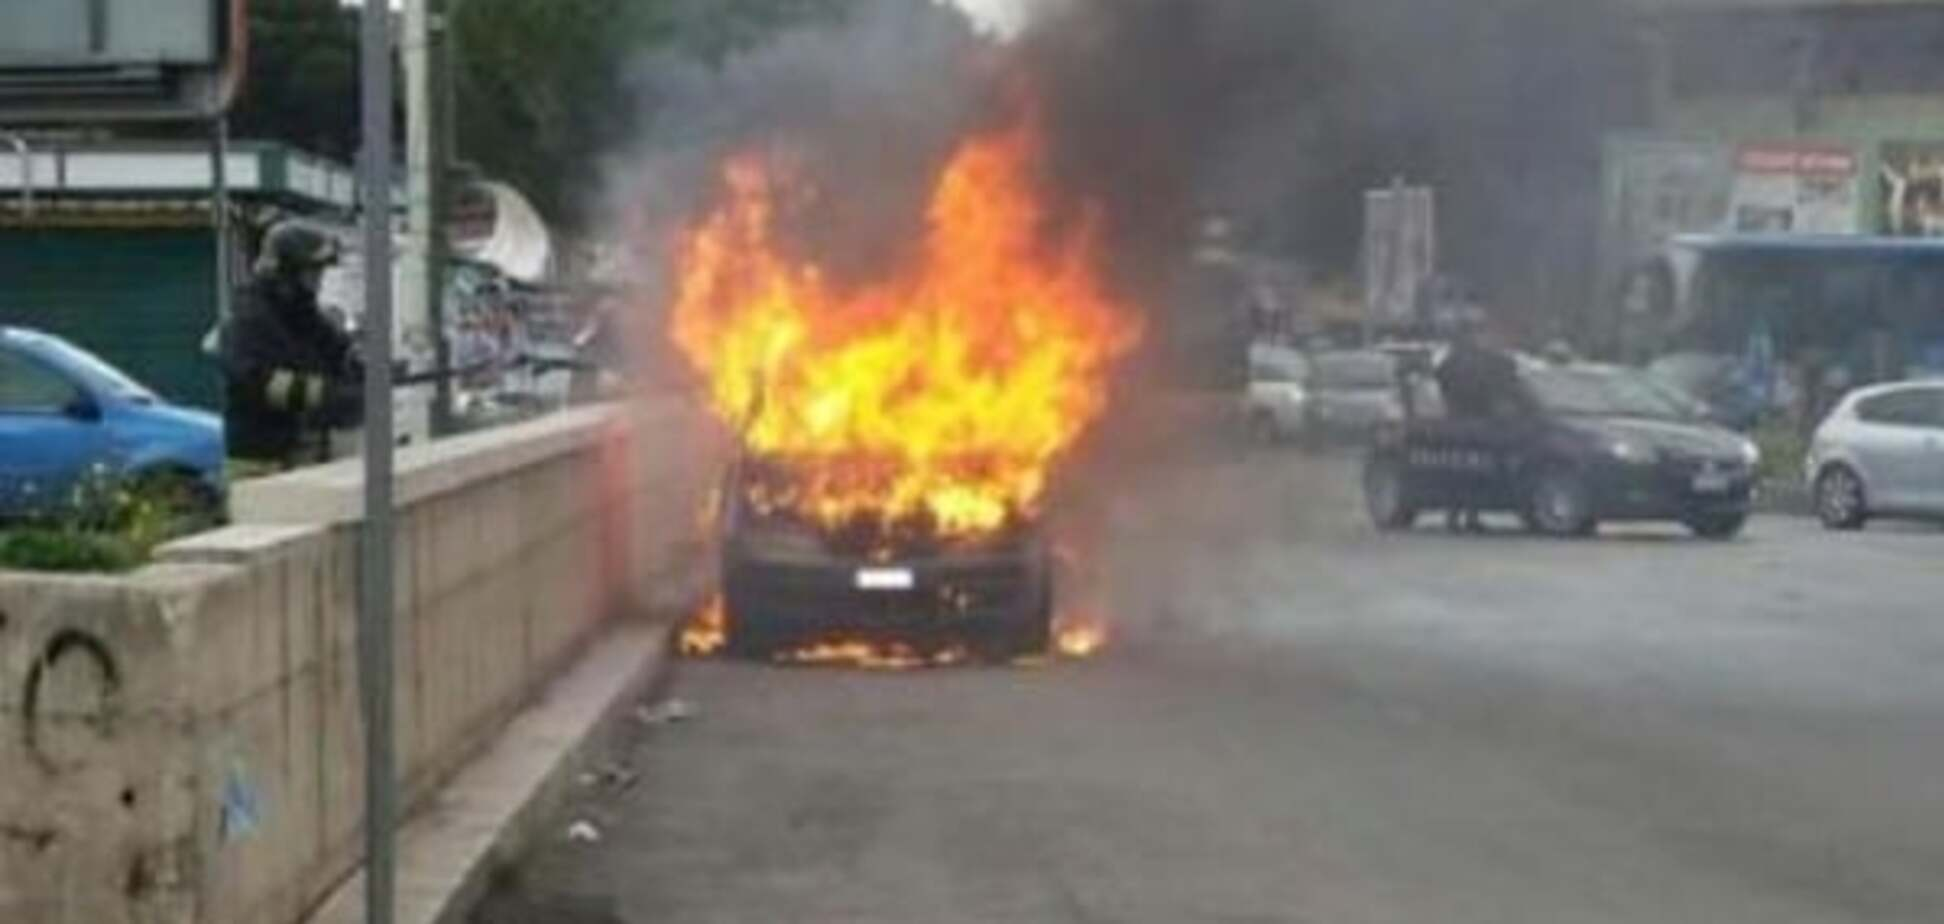 Криза в ЄС: італієць, який втратив роботу, спалив себе разом з автомобілем